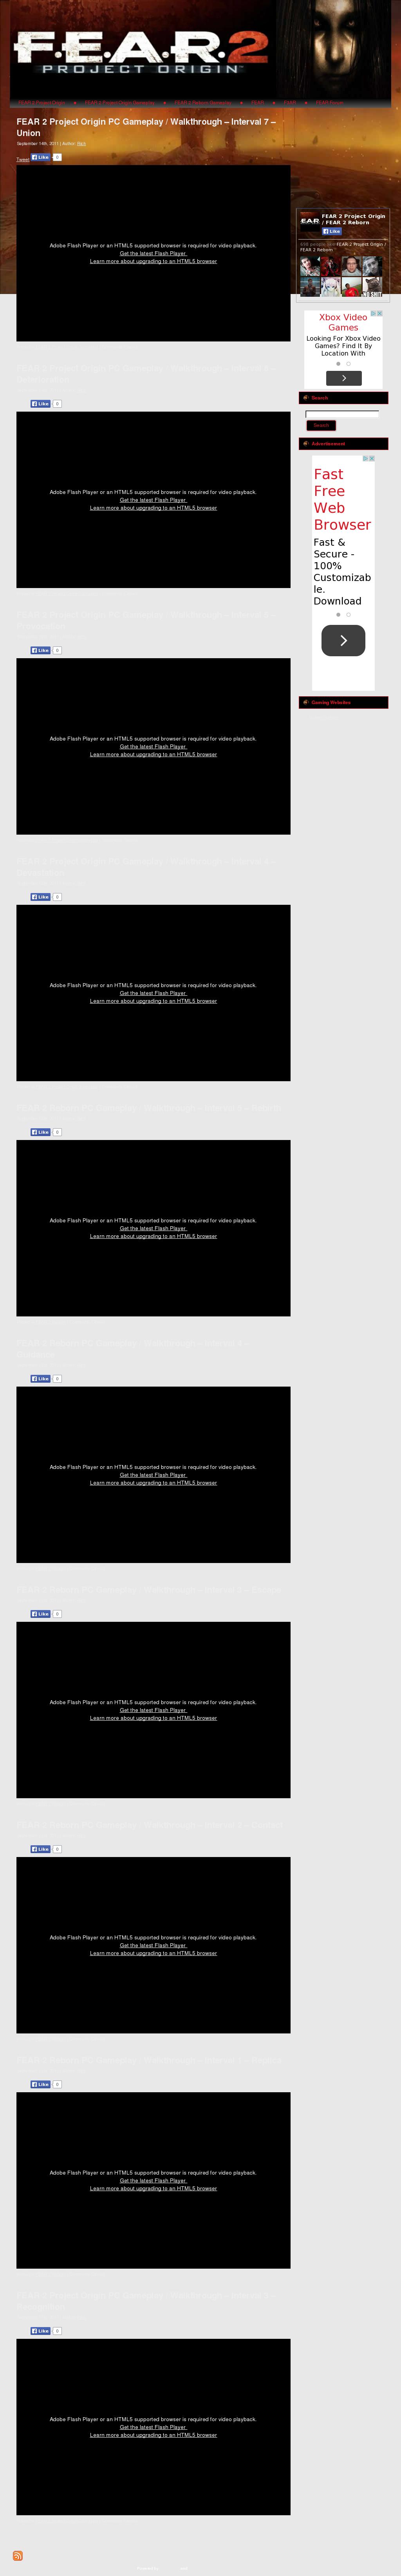 Fear 2 Project Origin / Fear 2 Reborn Competitors, Revenue